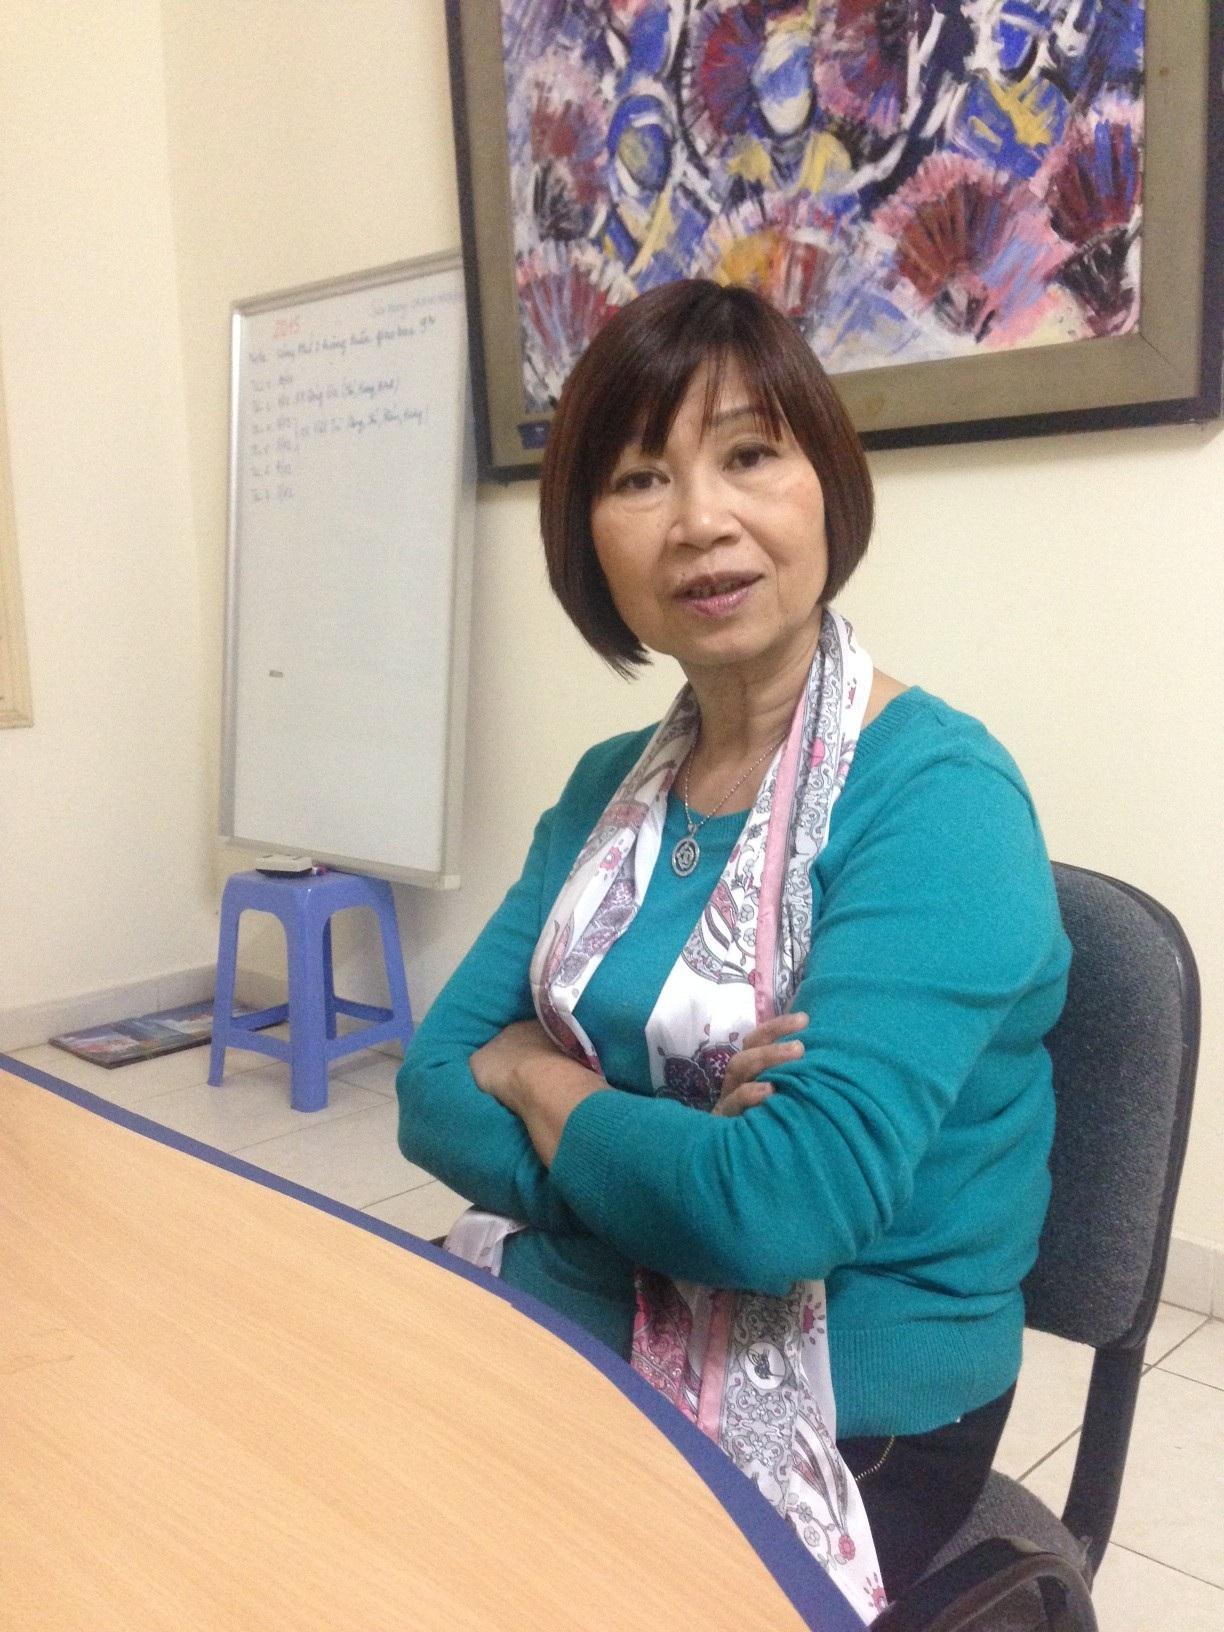 TS. Lê Thị Minh Lý, Giám đốc Trung tâm Nghiên cứu và Phát huy giá trị Di sản văn hoá. Ảnh: Tùng Long.